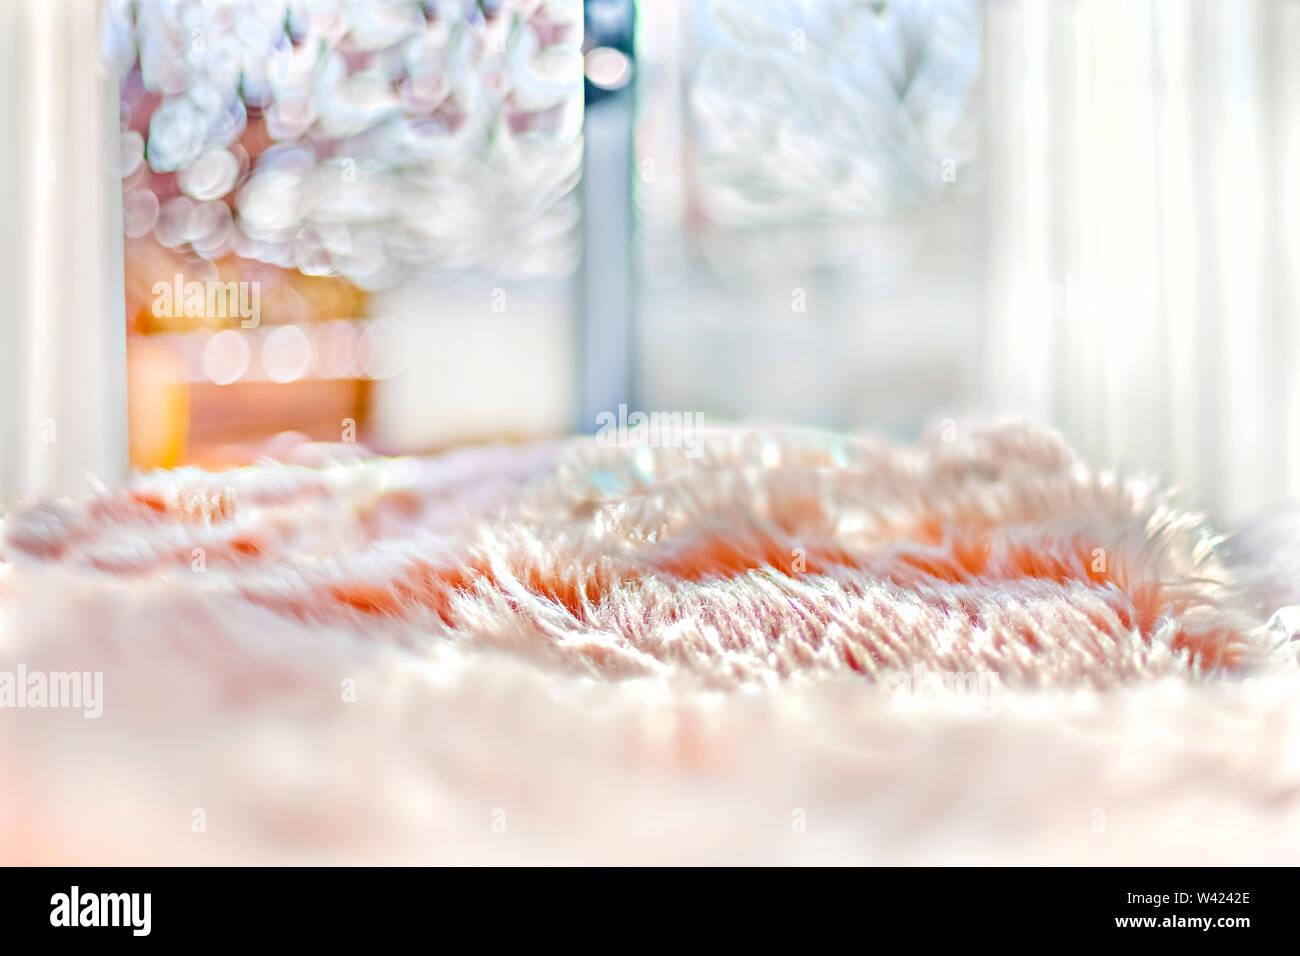 La lana lenzuola sul letto vicino e immagini dettagliate che si diffonde dalla luce solare Immagini Stock